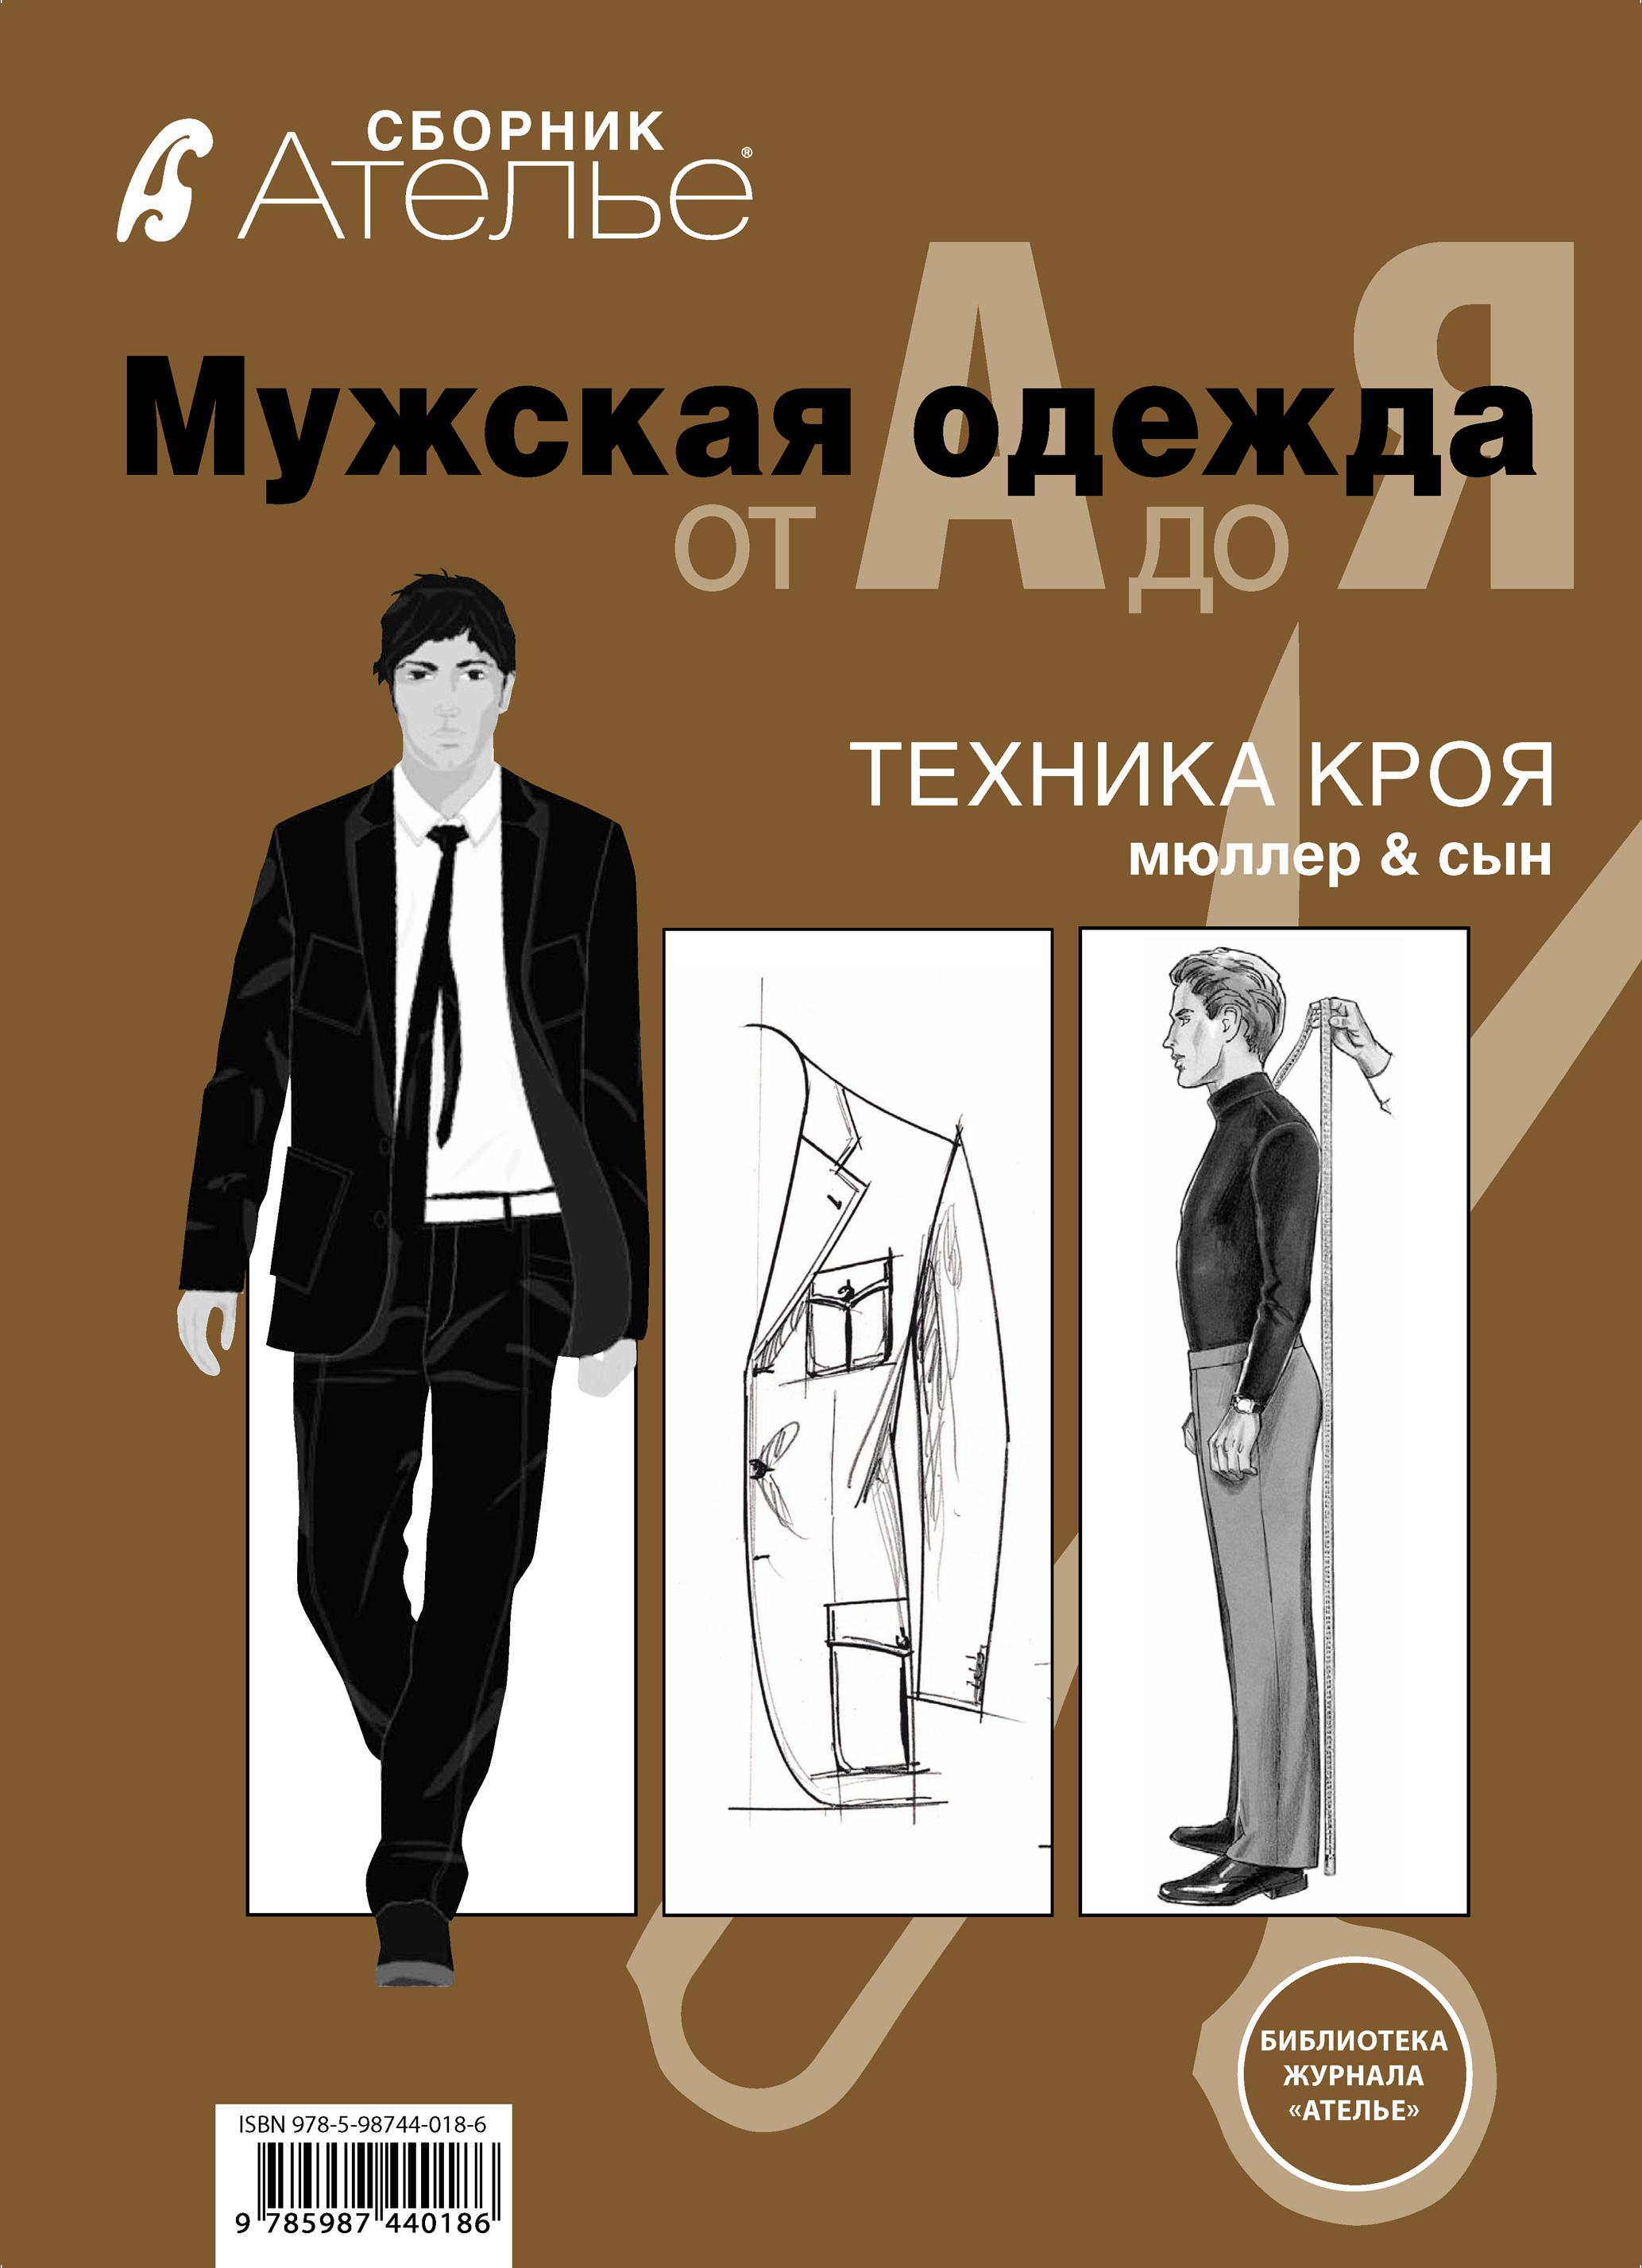 Сборник Сборник «Ателье. Мужская одежда от А до Я». Техника кроя «М.Мюллер и сын»